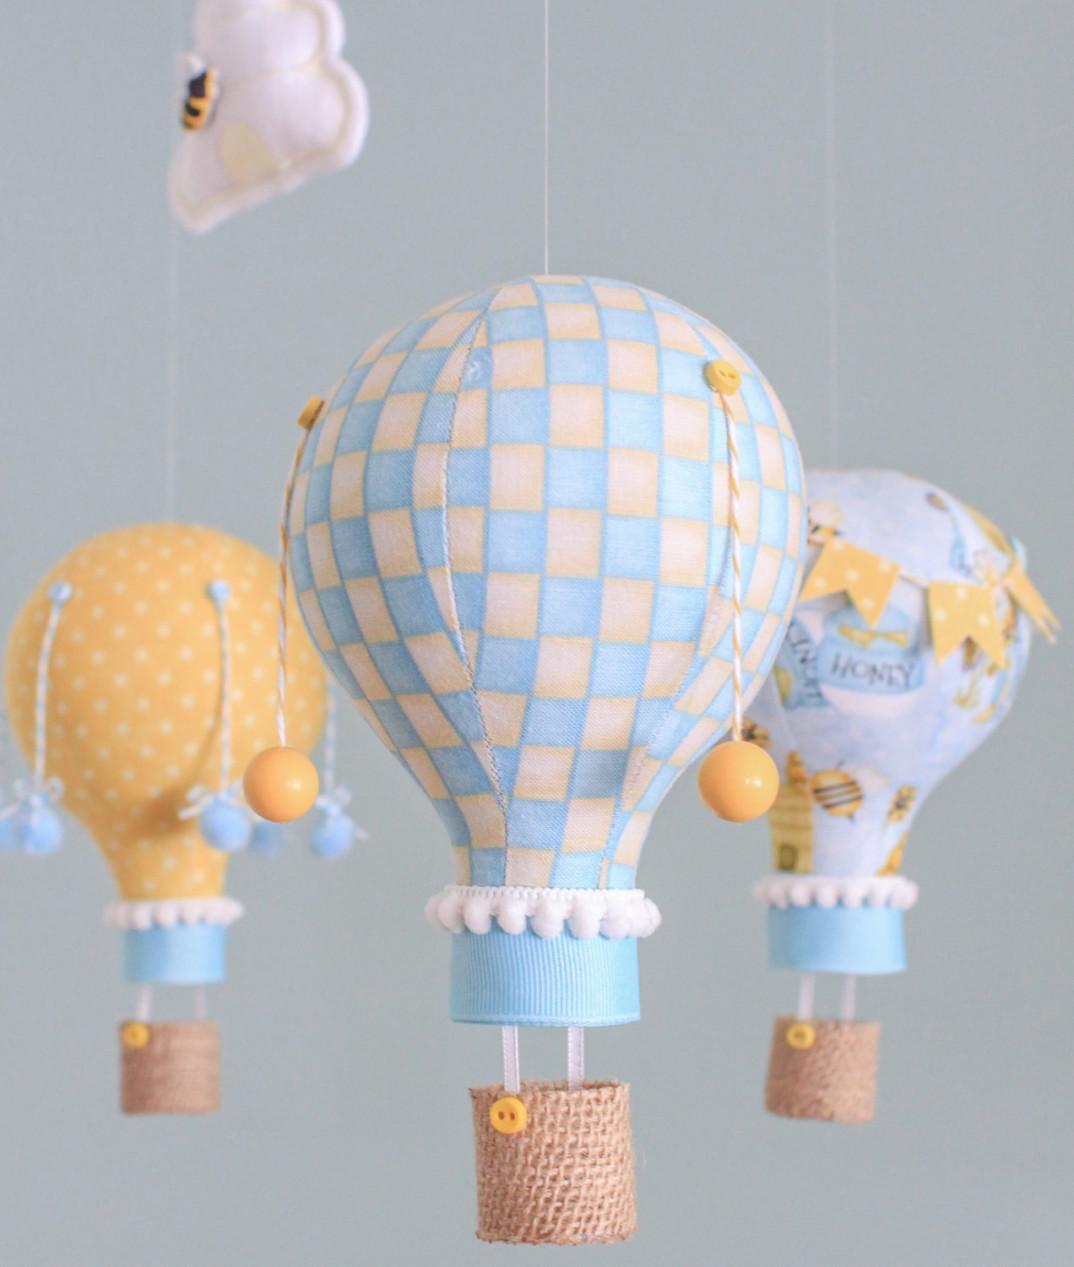 14 idee fai da te per riciclare e riutilizzare vecchie lampadine - KEBLOG